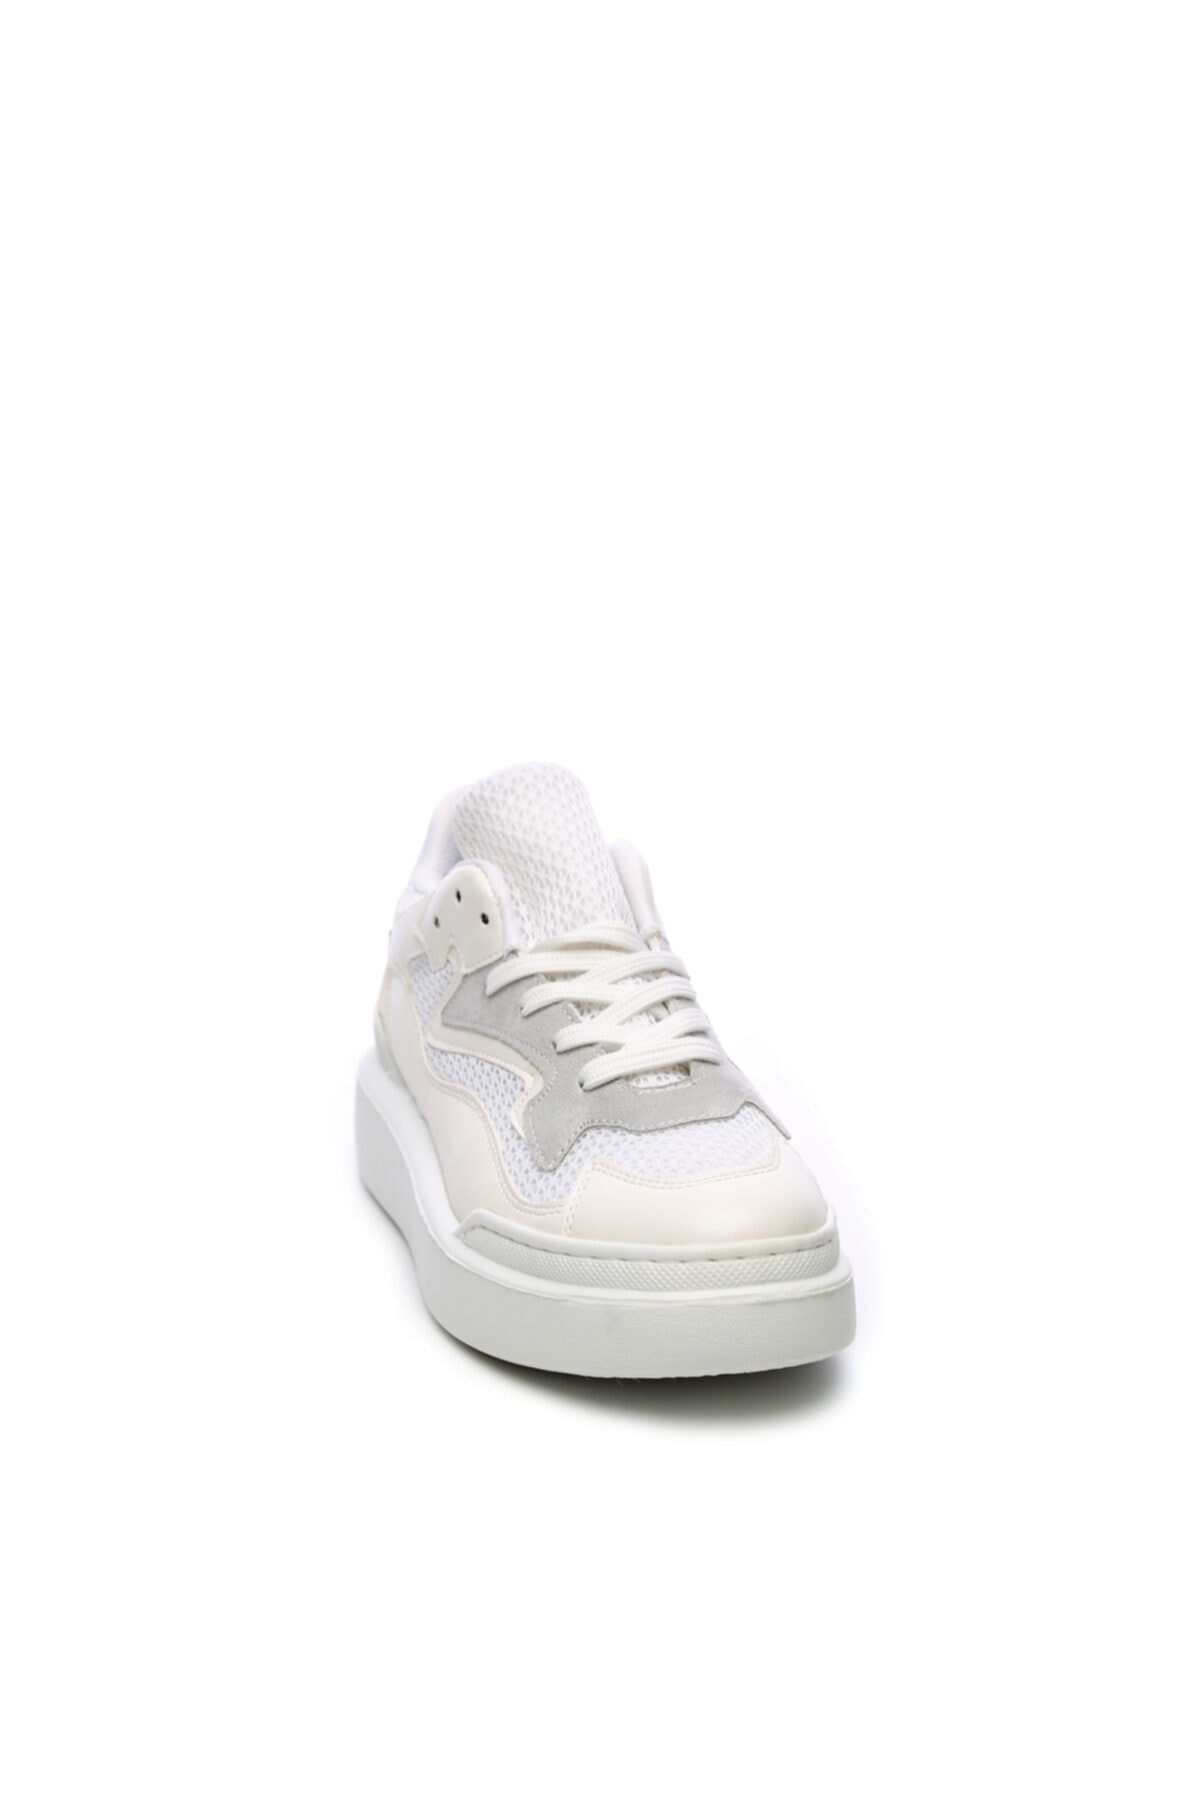 KEMAL TANCA Kadın Vegan Sneakers & Spor Ayakkabı 758 Z 4696 Bn Ayk Sk19-20 2